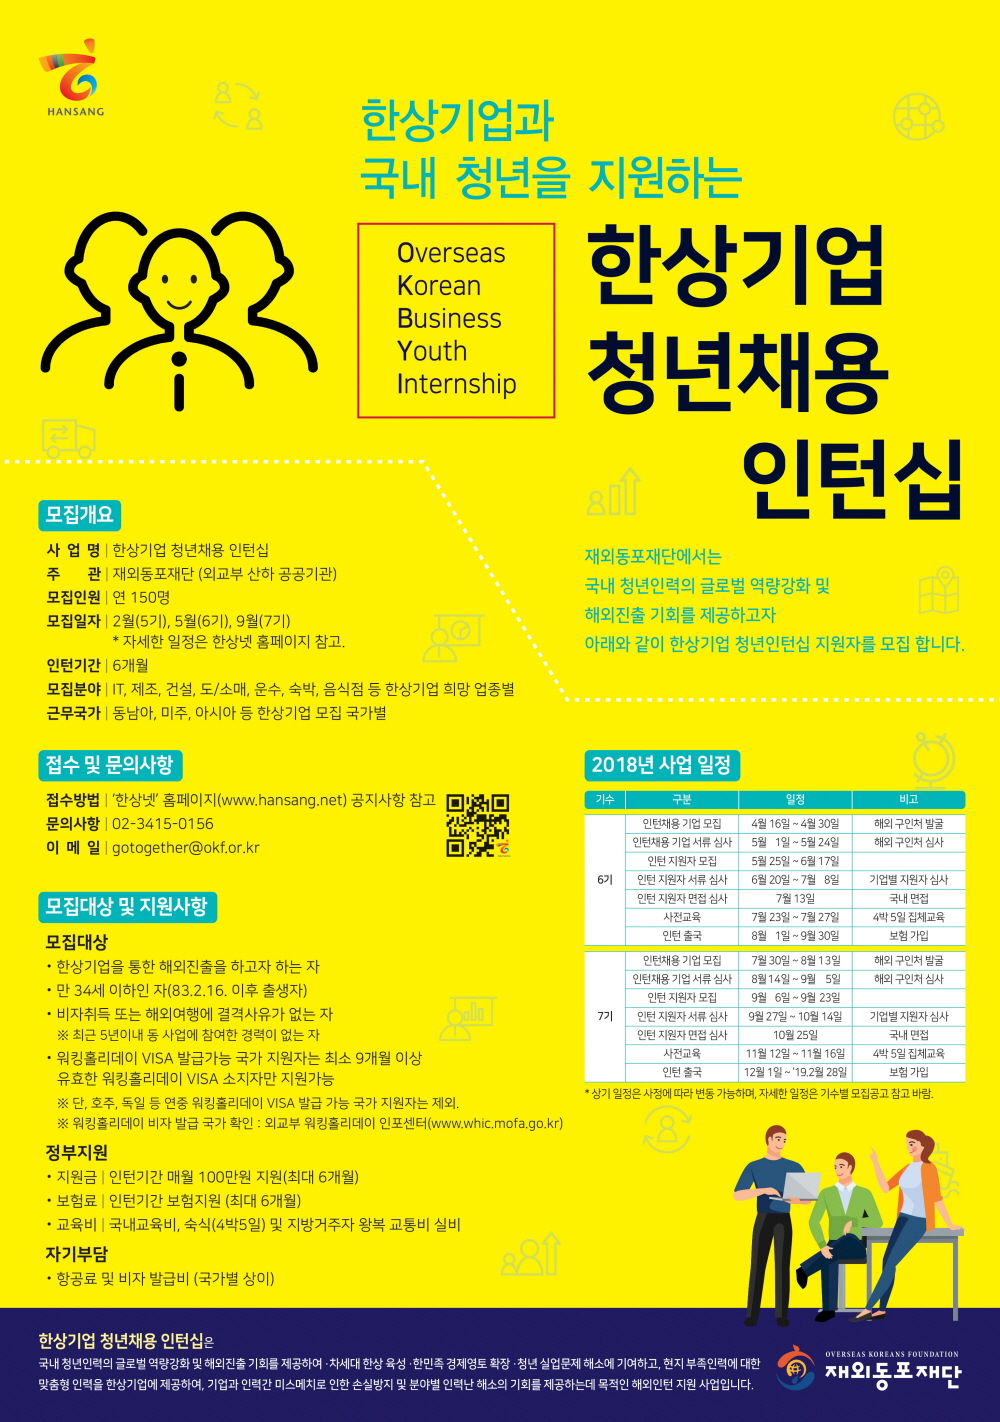 붙임3. 한상기업 청년채용 인턴십 포스터.jpg